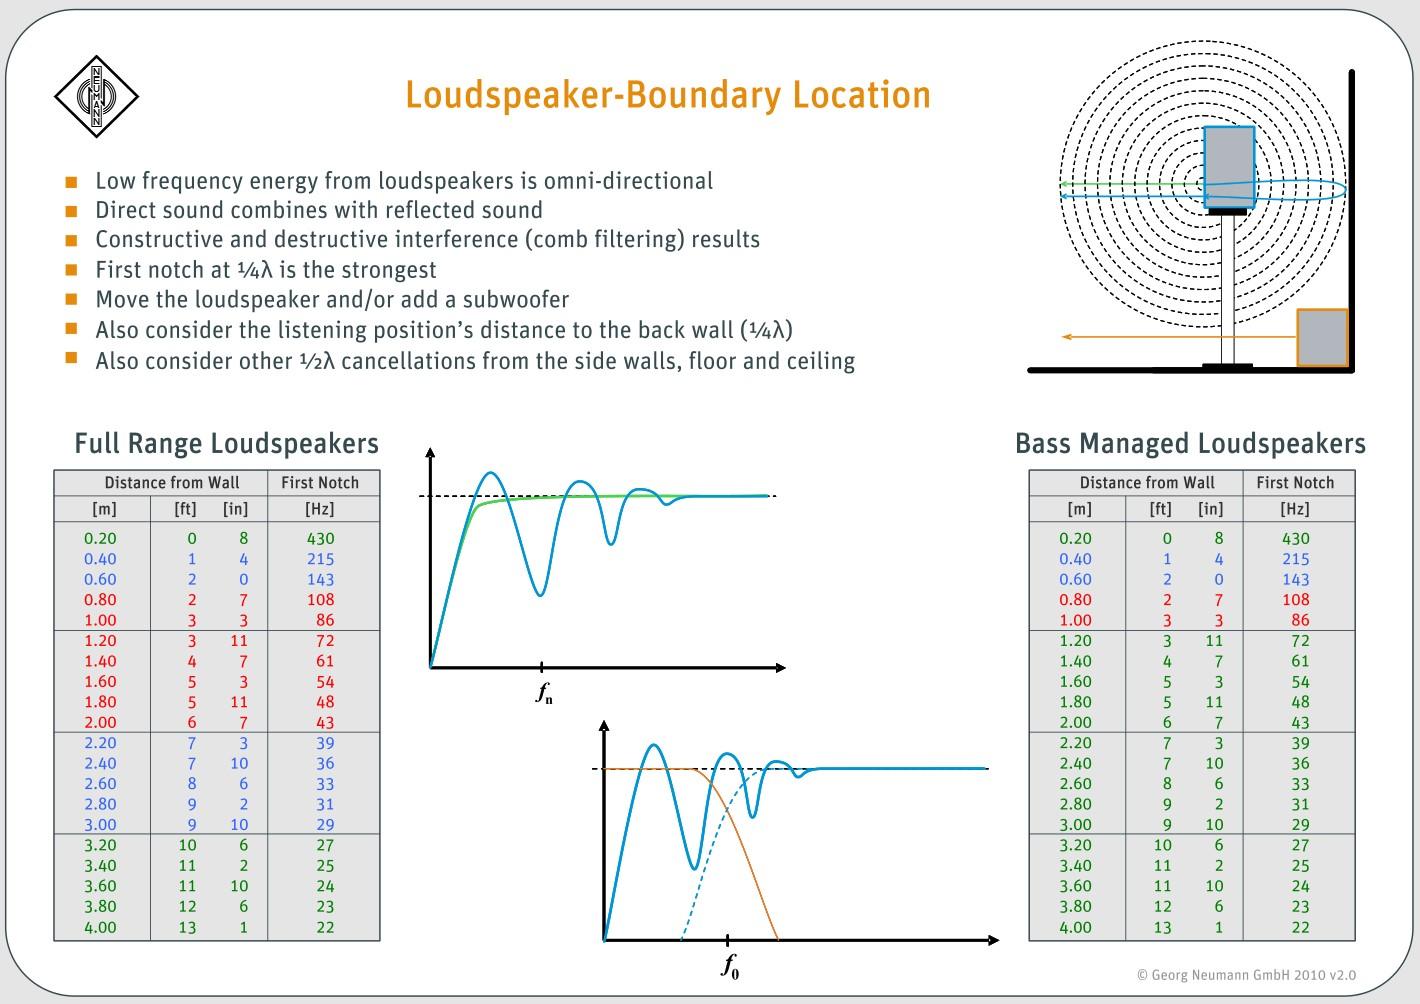 Neumann Loudspeaker-Boundary Location guide.jpg